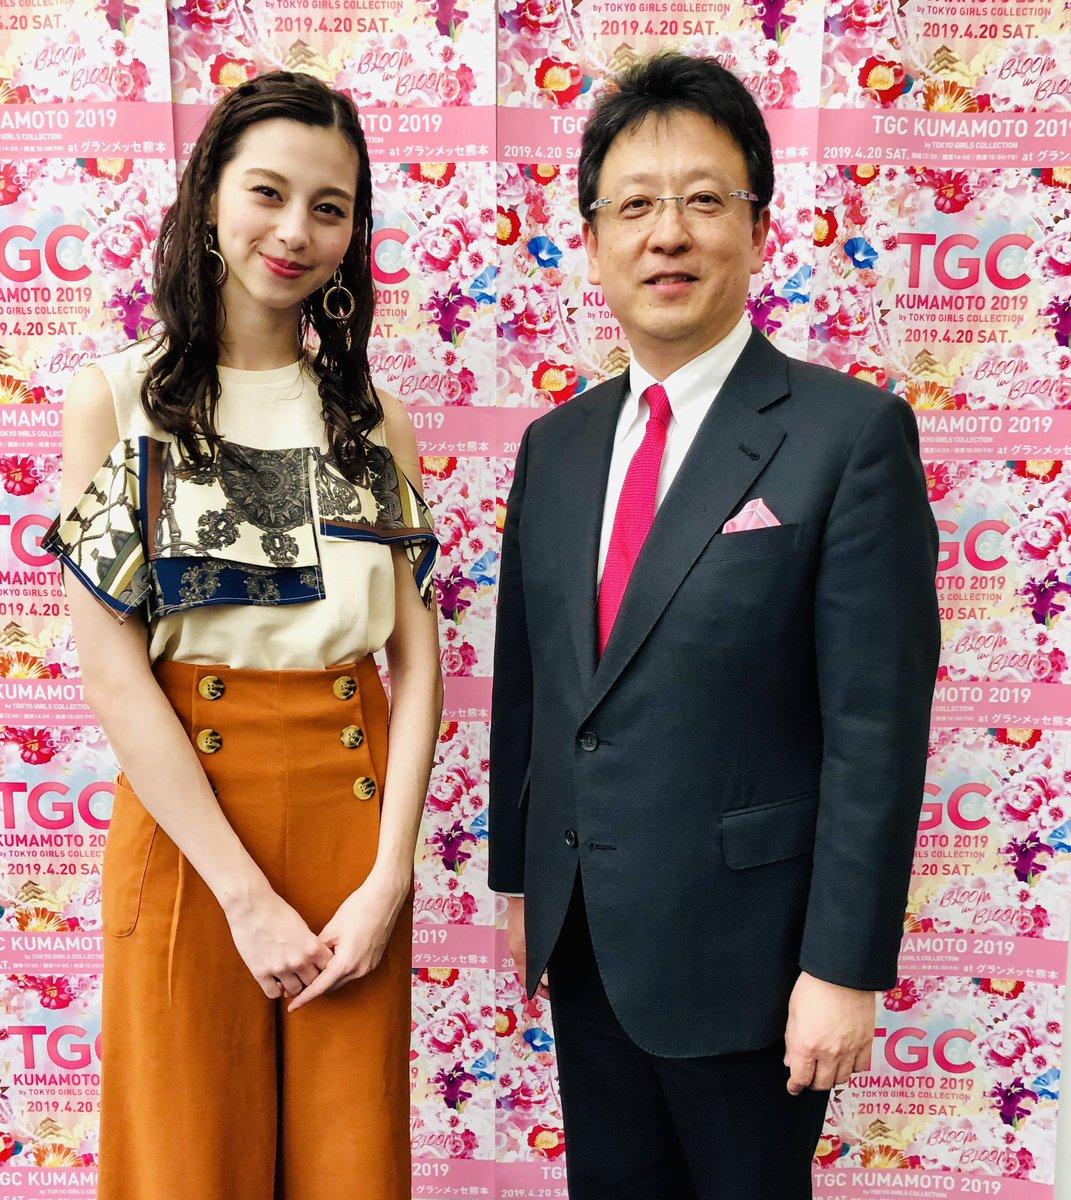 test ツイッターメディア - 昨日防災訓練後慌ててスーツに着替え東京ガールズコレクションへ。熊本初開催でしたが沢山の若者が参加して大賑わい。ランウェイに中条あやみさんが登場した瞬間会場は大声援❣️私もご挨拶させて頂きましたが本当に素敵でした。また来年も開催します❗️#TGC熊本 #中条あやみ #顔の大きさ比較禁止 https://t.co/NjuTDc5tCG